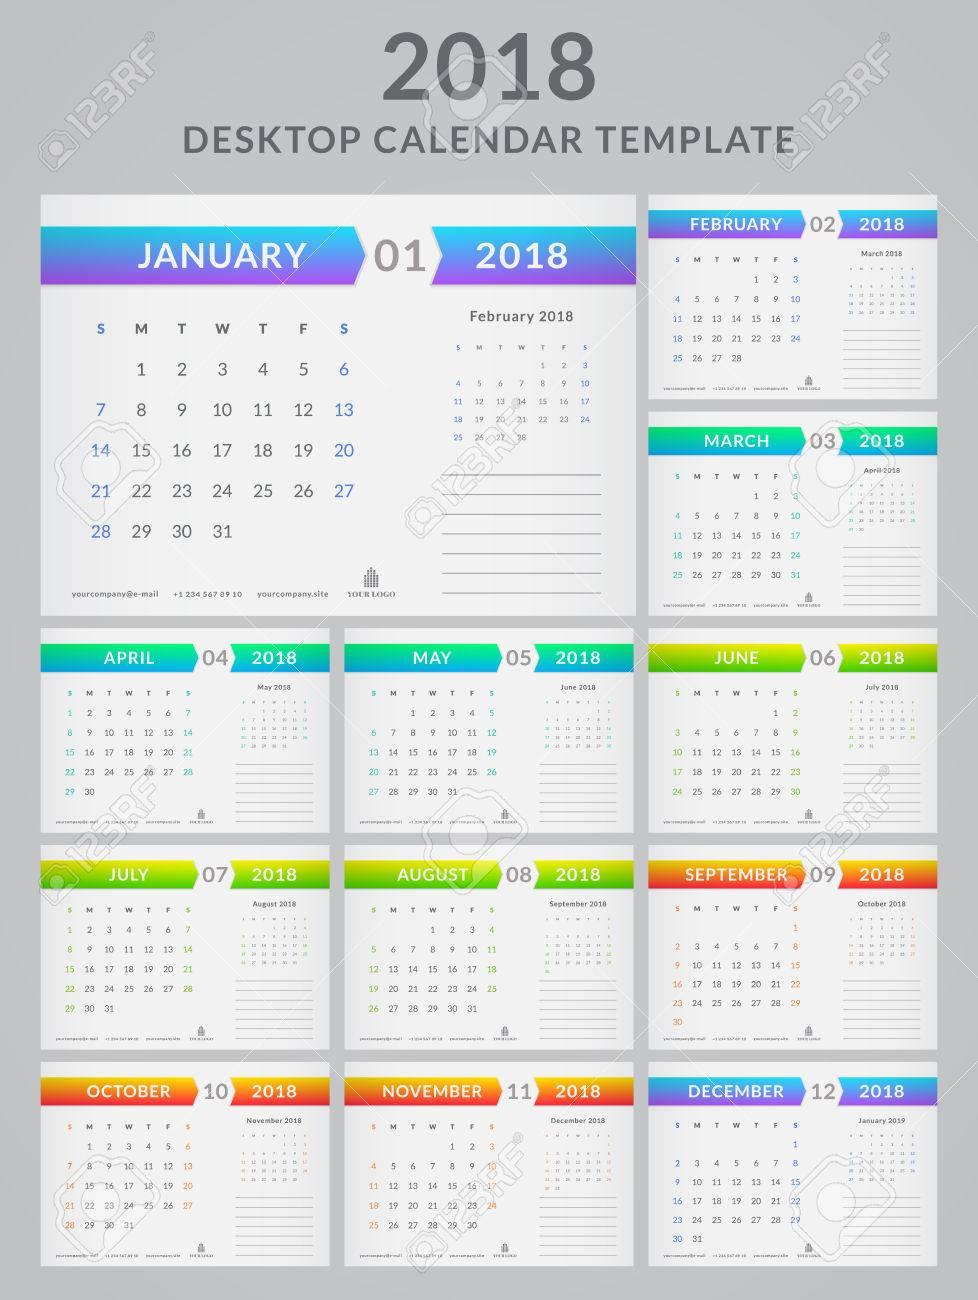 Calendrier 2021 Avec Semaine.Calendrier Pour Le Calendrier Vecteur Modele De 2021 Ensemble De 12 Pages Mobiles Avec Place Pour Les Cartes De Reduction De Semaine Dimanche